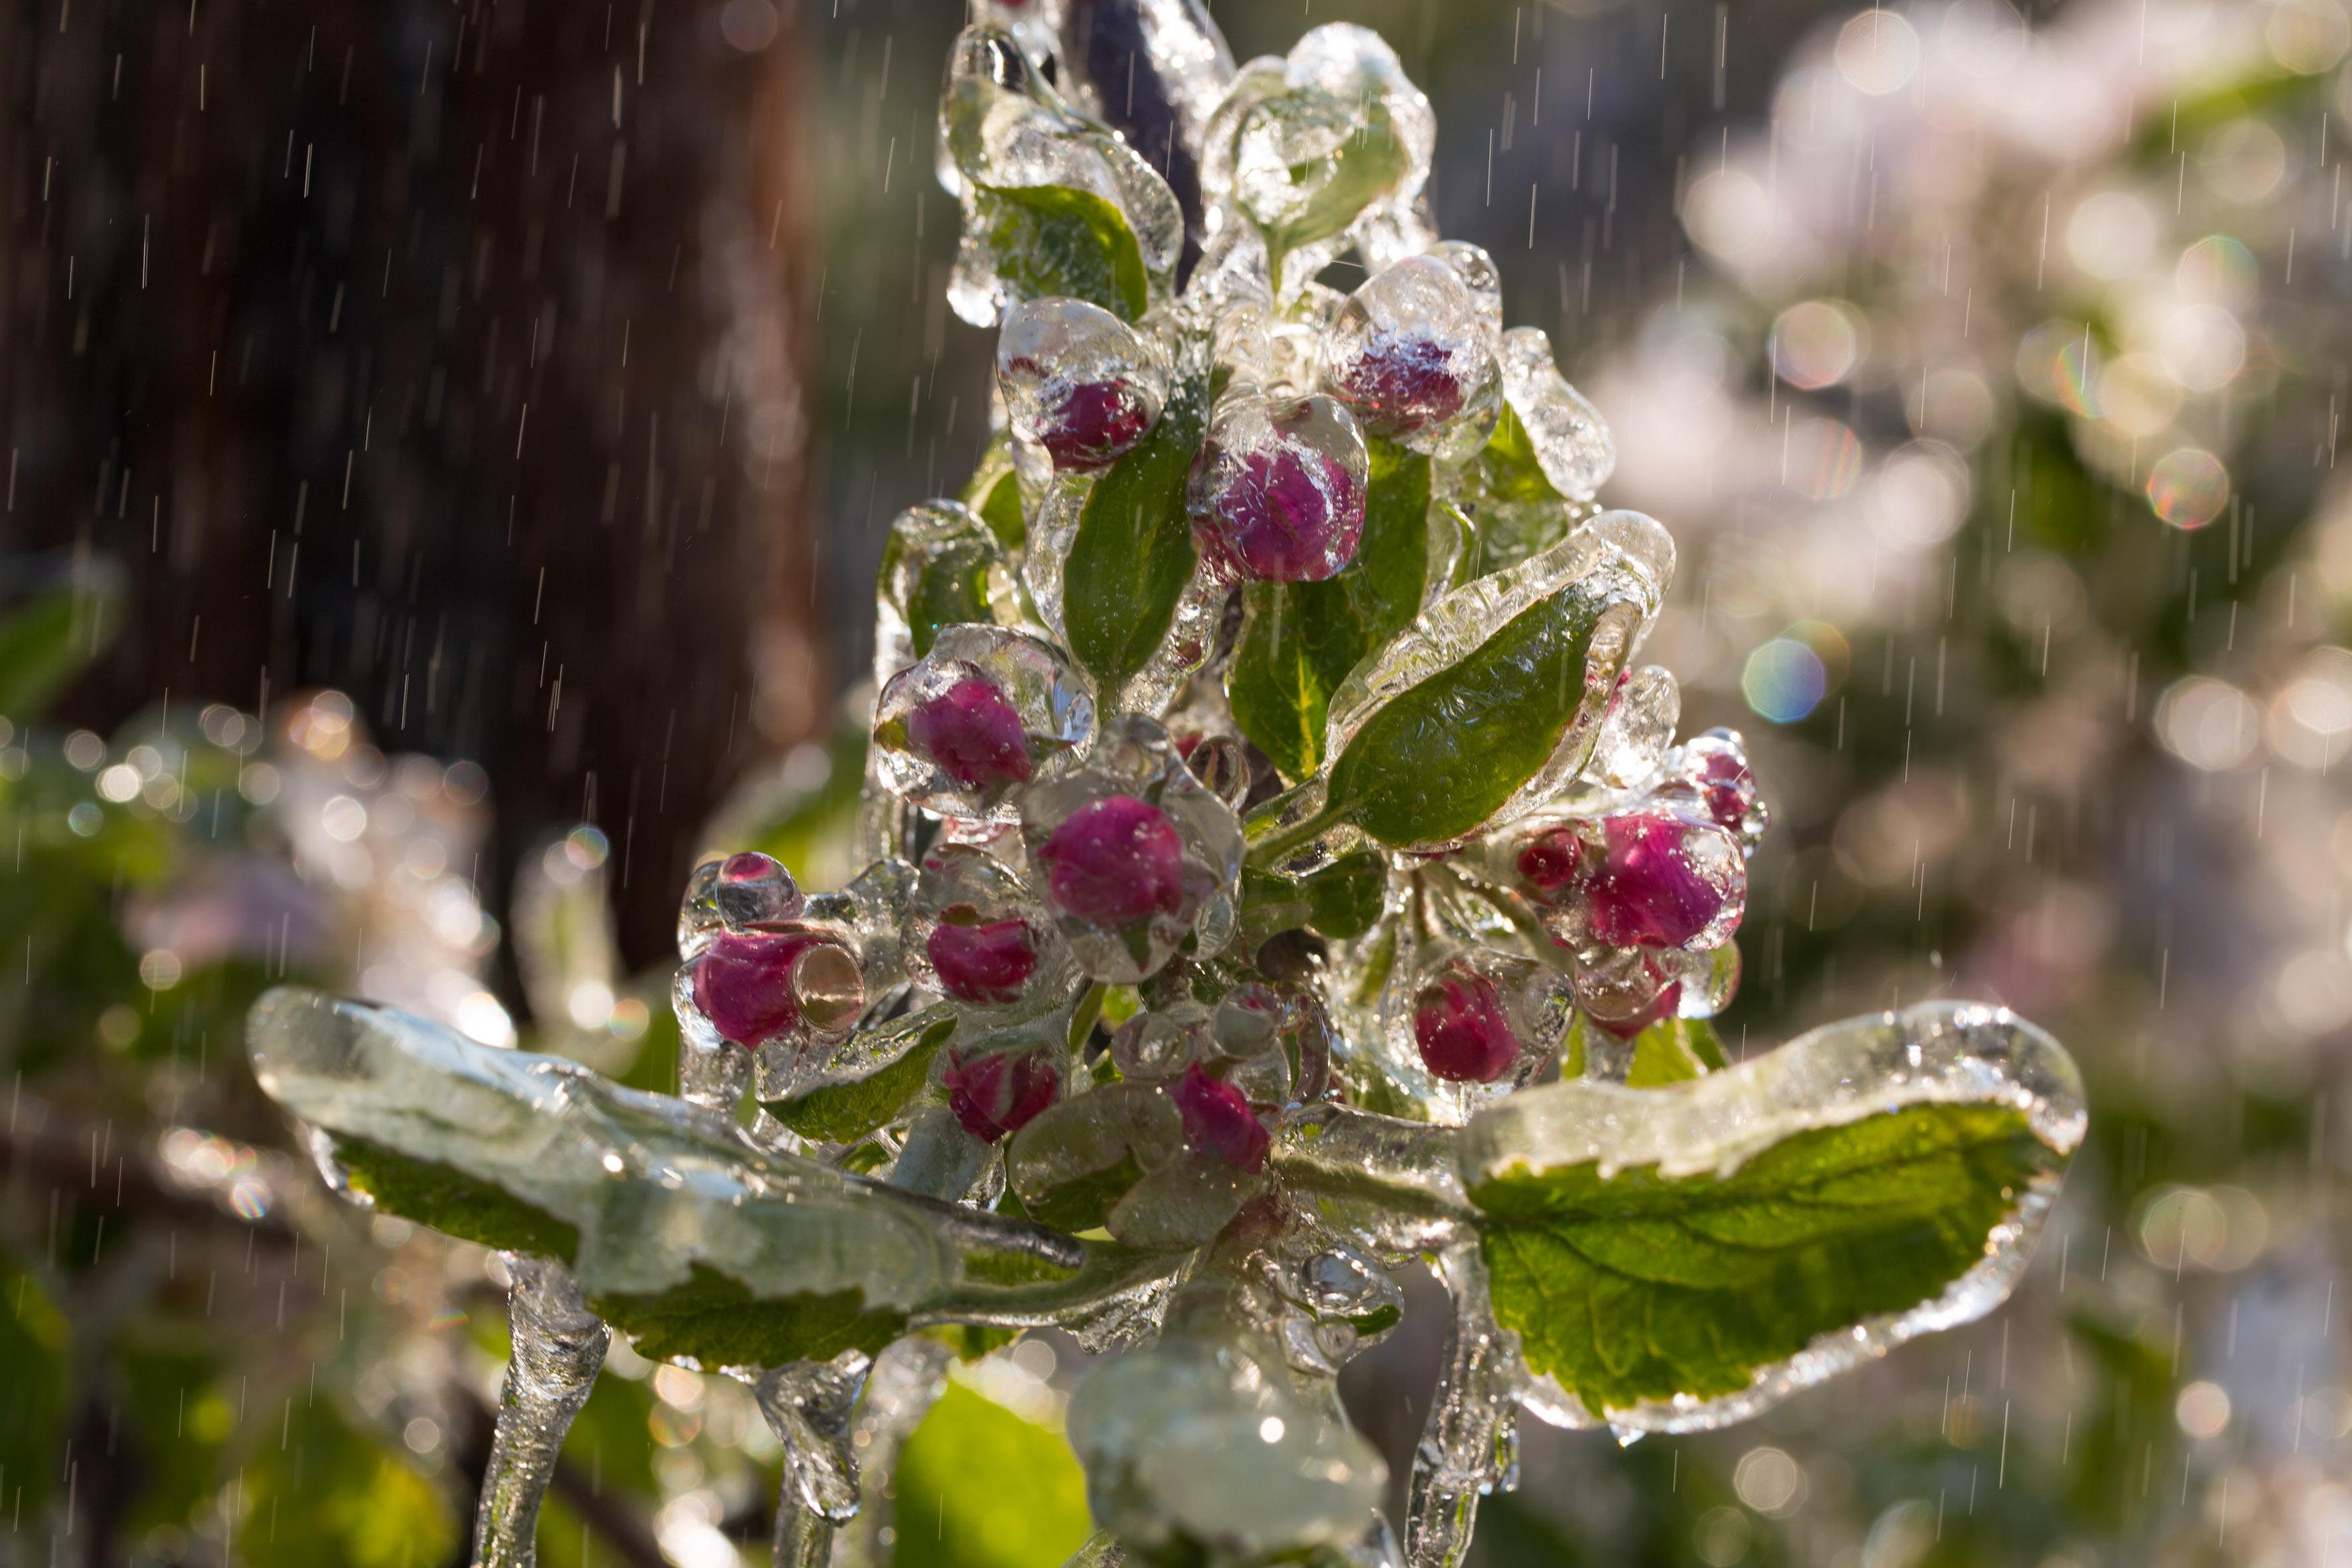 Eismantel gegen Erfrieren – Erstaunliche Methode zum Schutz blühender Obstbäume